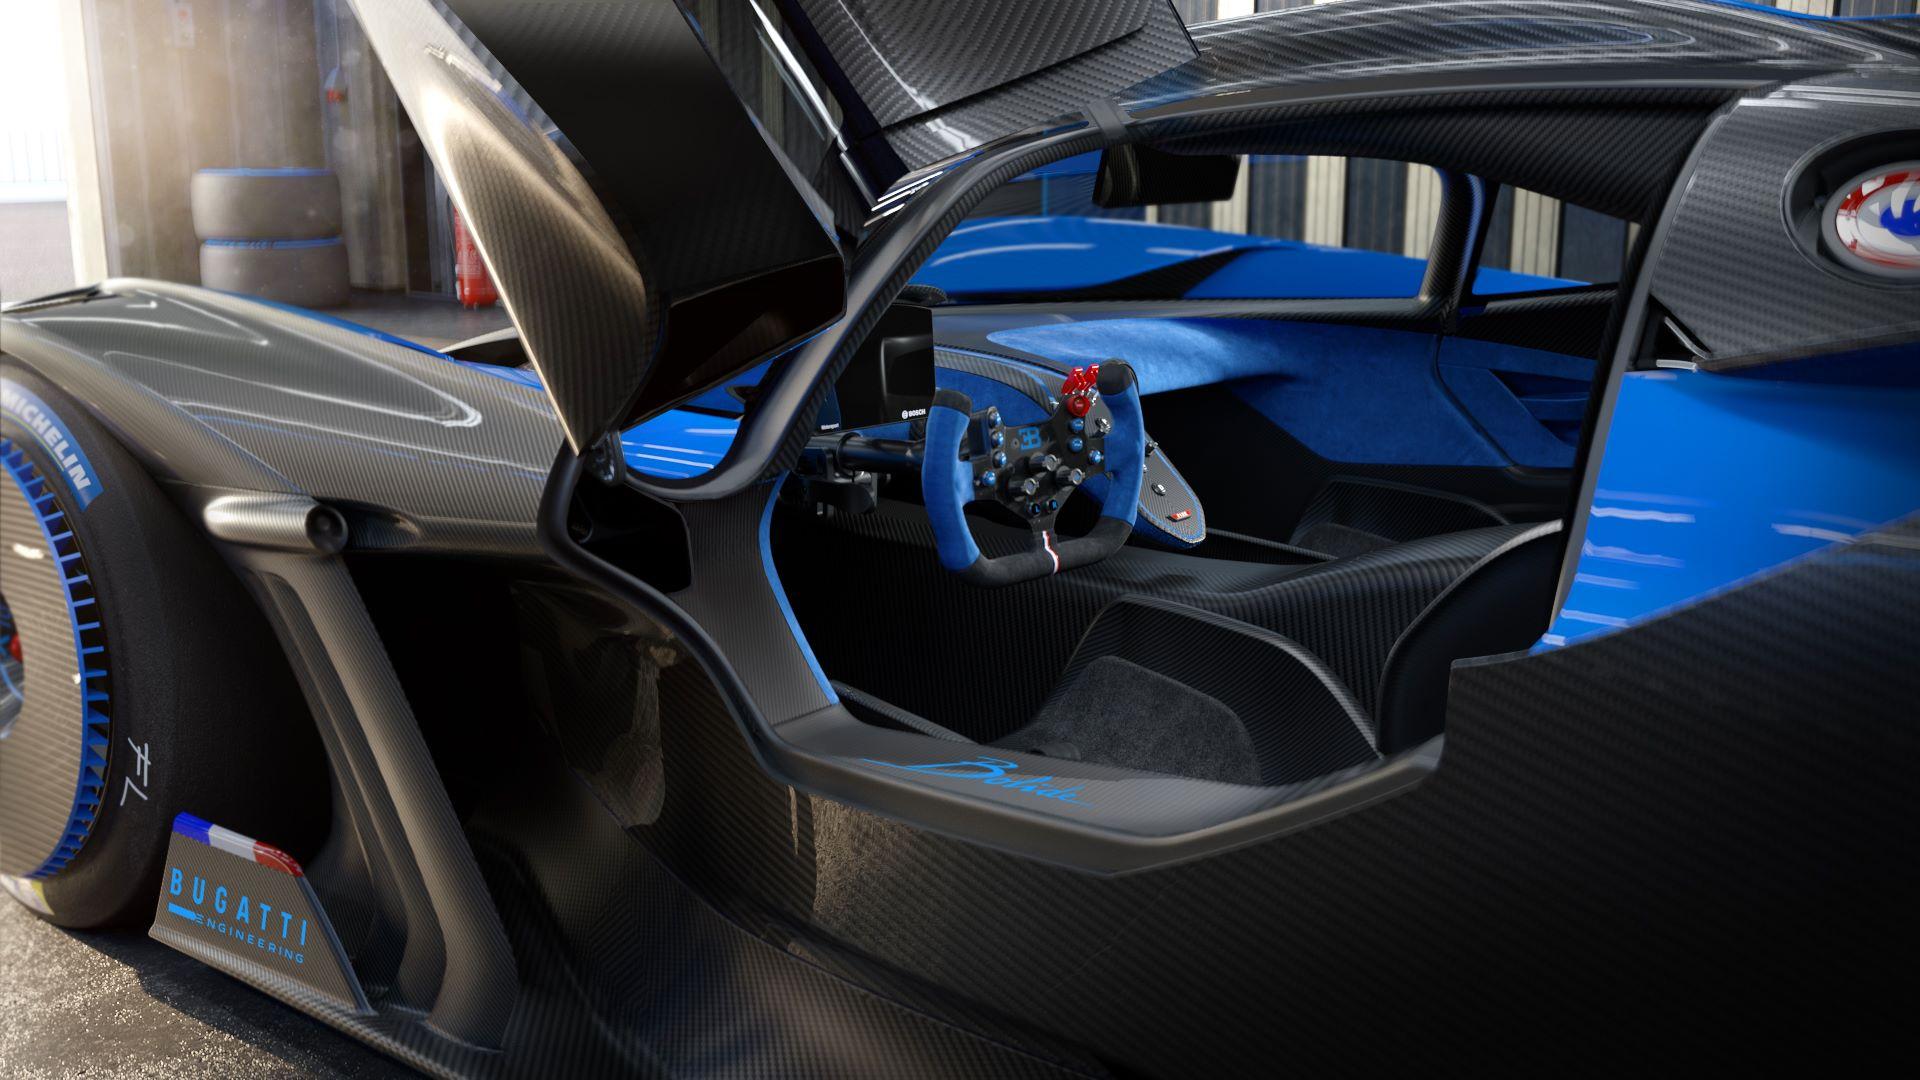 Bugatti-Bolide-concept-10